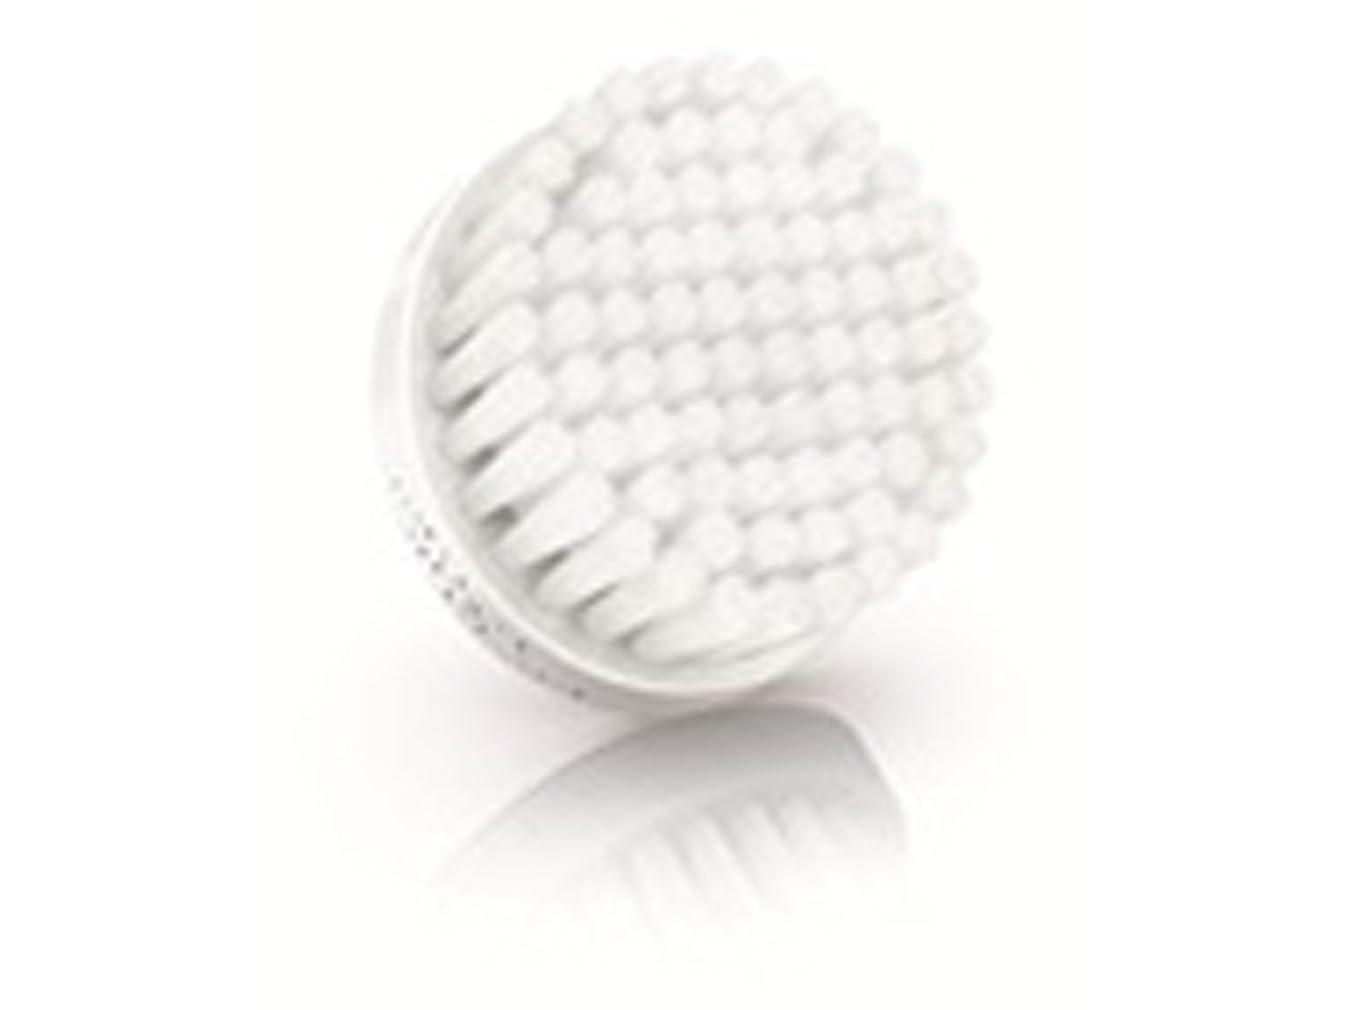 口頭したいスーパーマーケットフィリップス 洗顔ブラシ【ビザピュア】ノーマル肌用 ブラシ SC5990